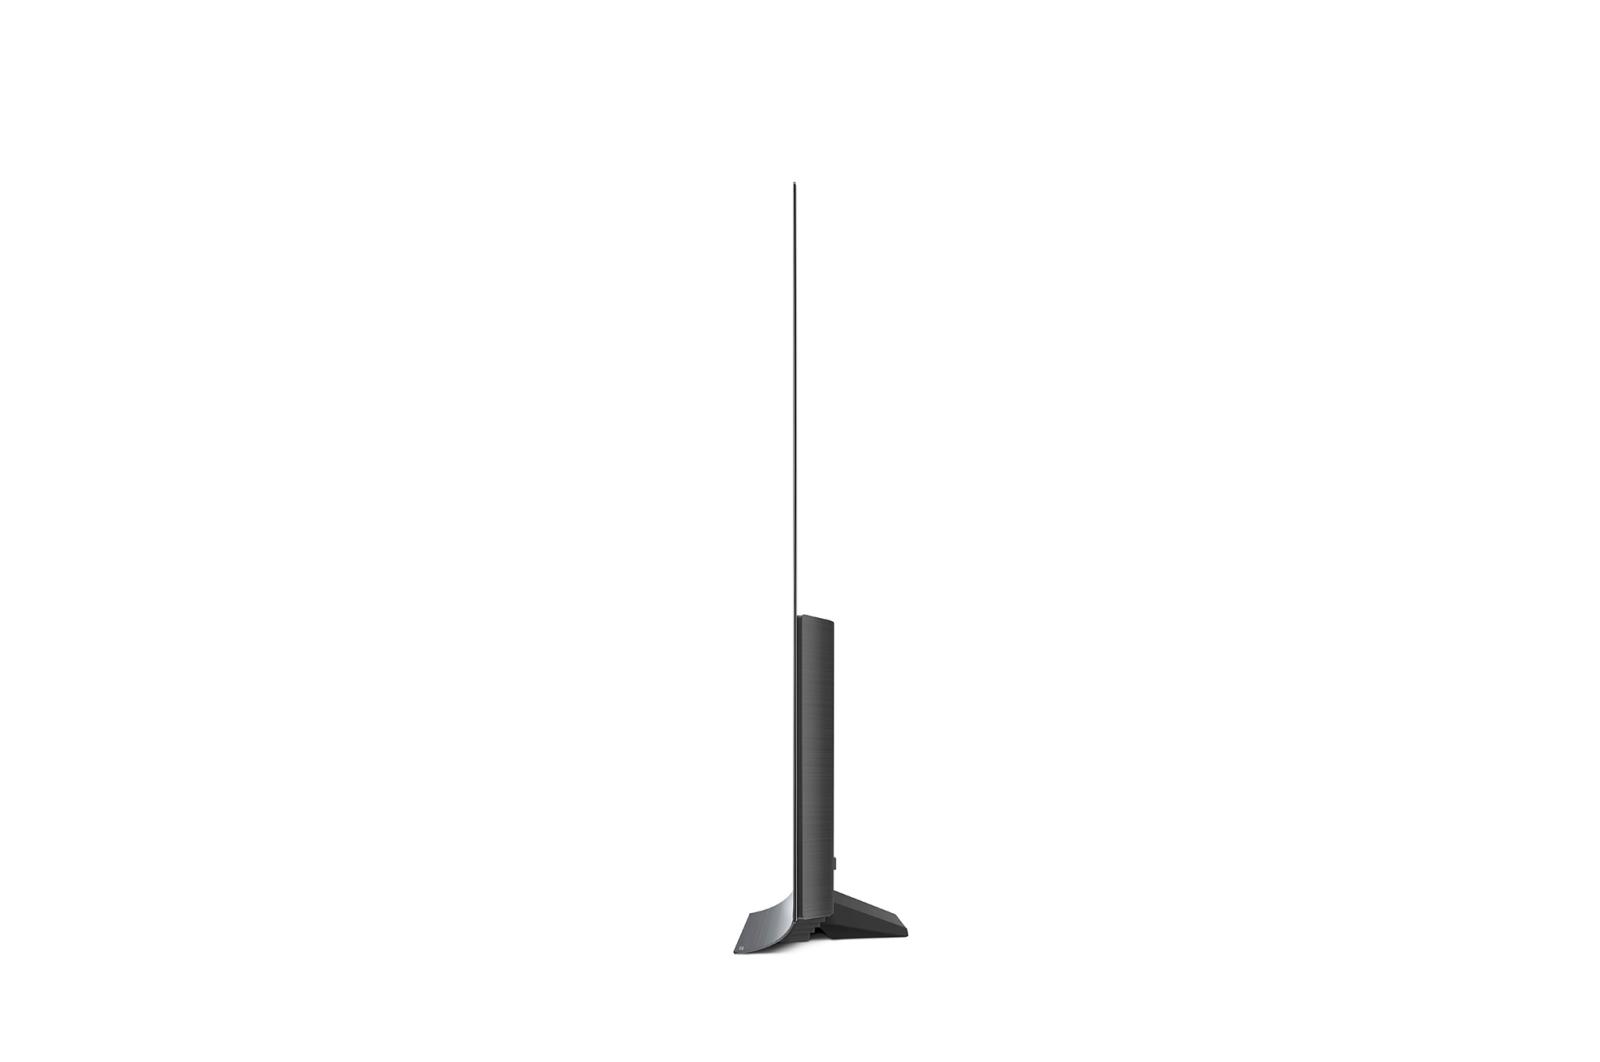 Smart Tivi OLED LG 65 inch 65C8PTA, 4K Cinema HDR (Model 2018) siêu mỏng